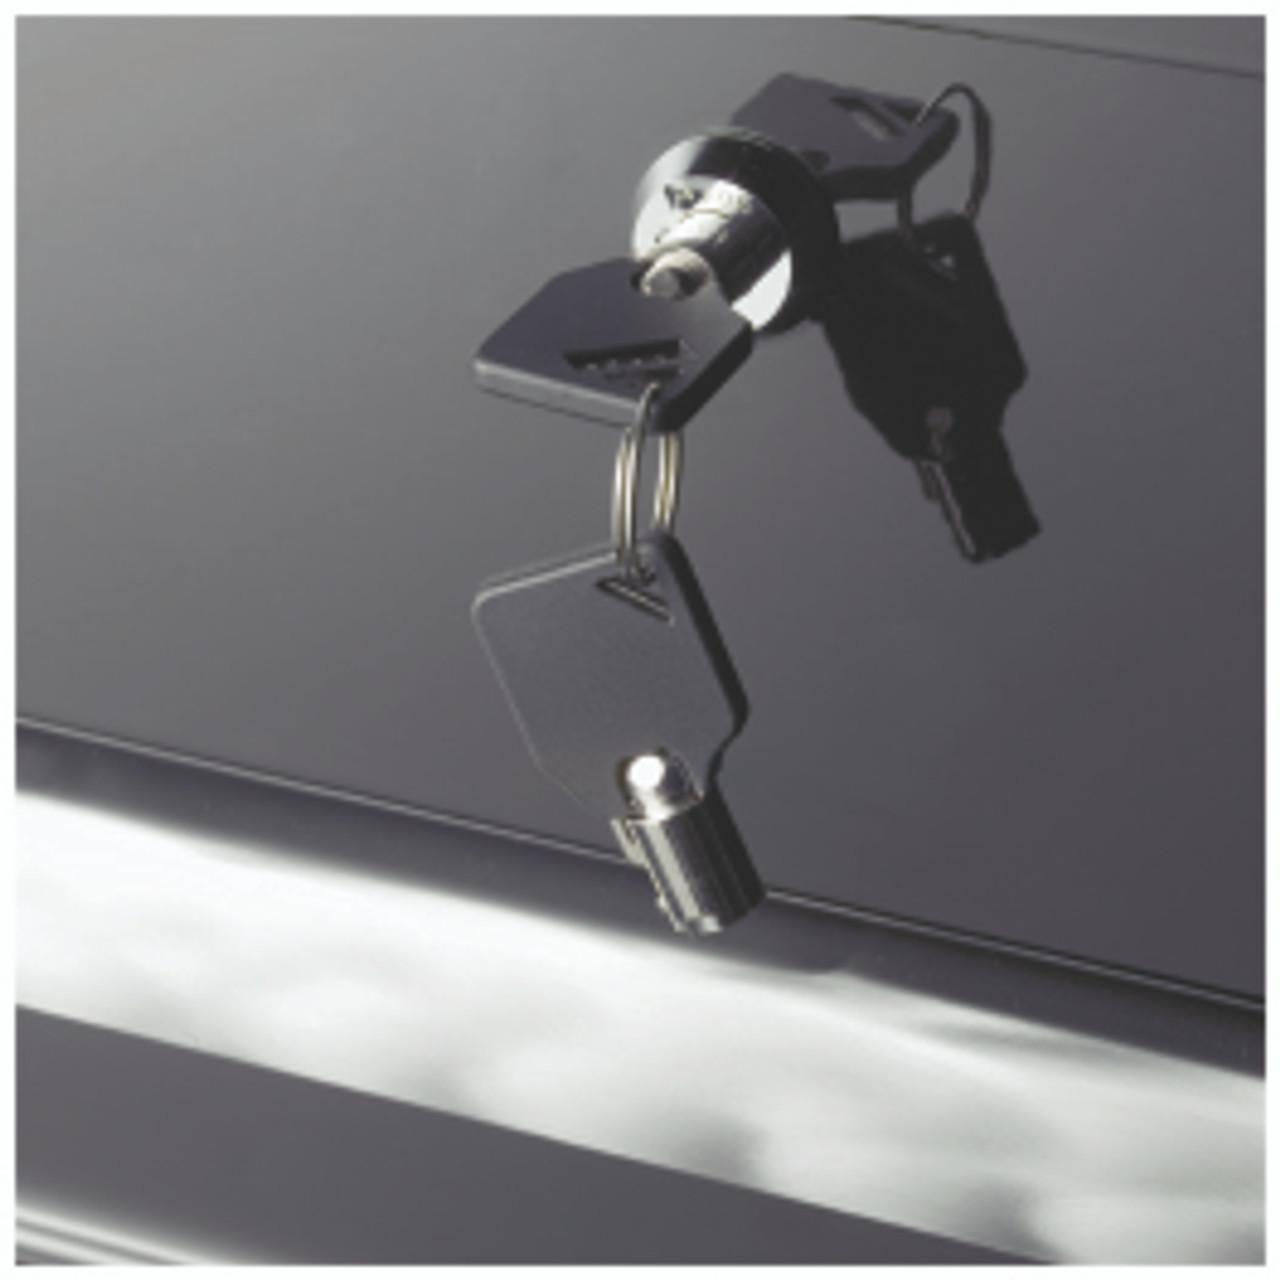 Gearwrench trolley key lock 83158N